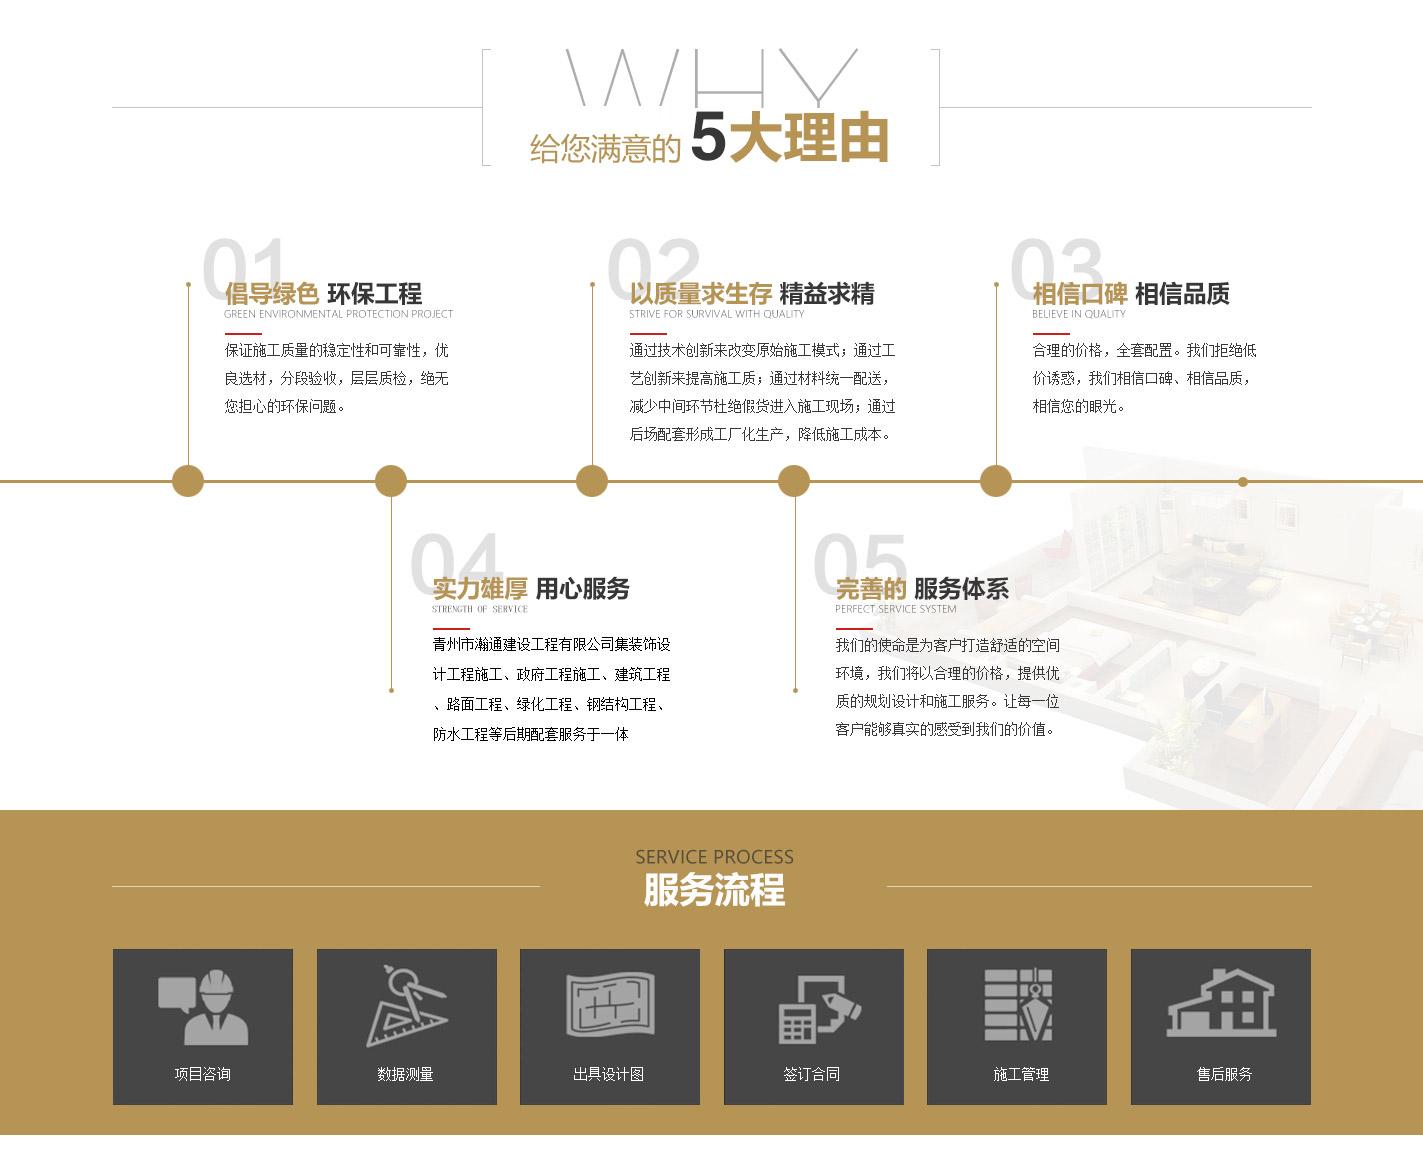 青州市科艺装饰中心服务流程